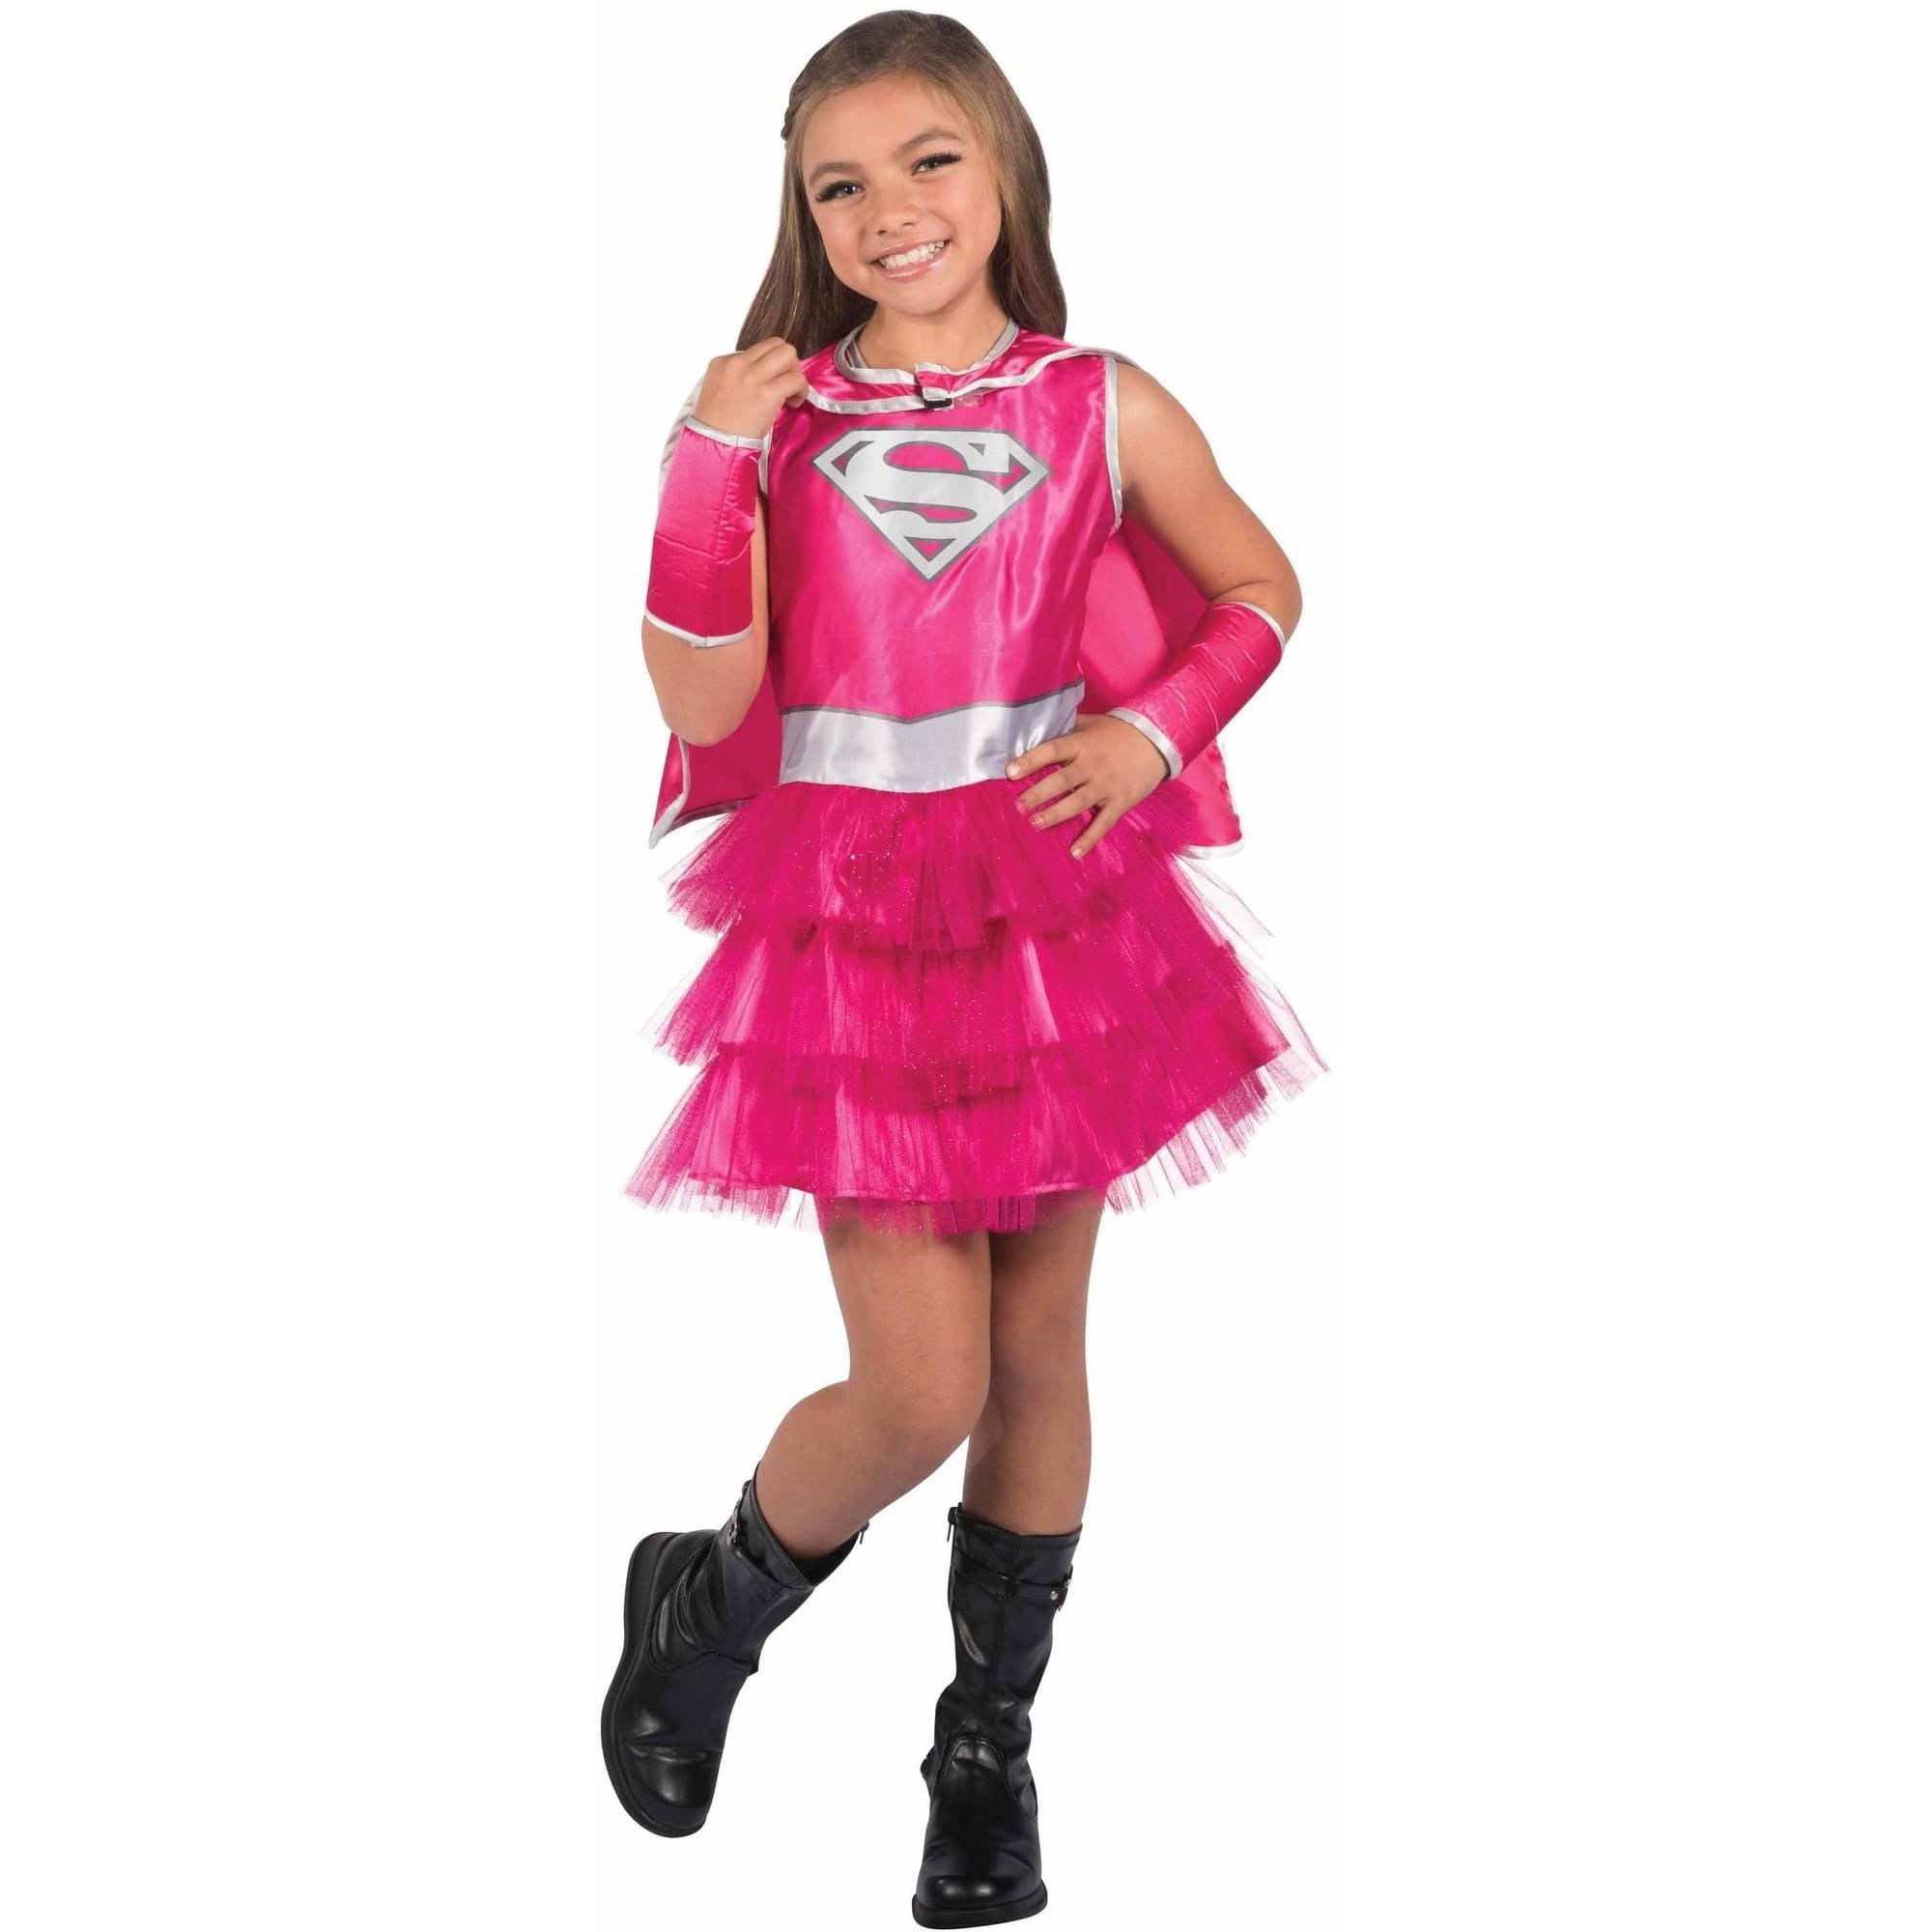 Pink Supergirl Child's Costume, Medium (8-10)